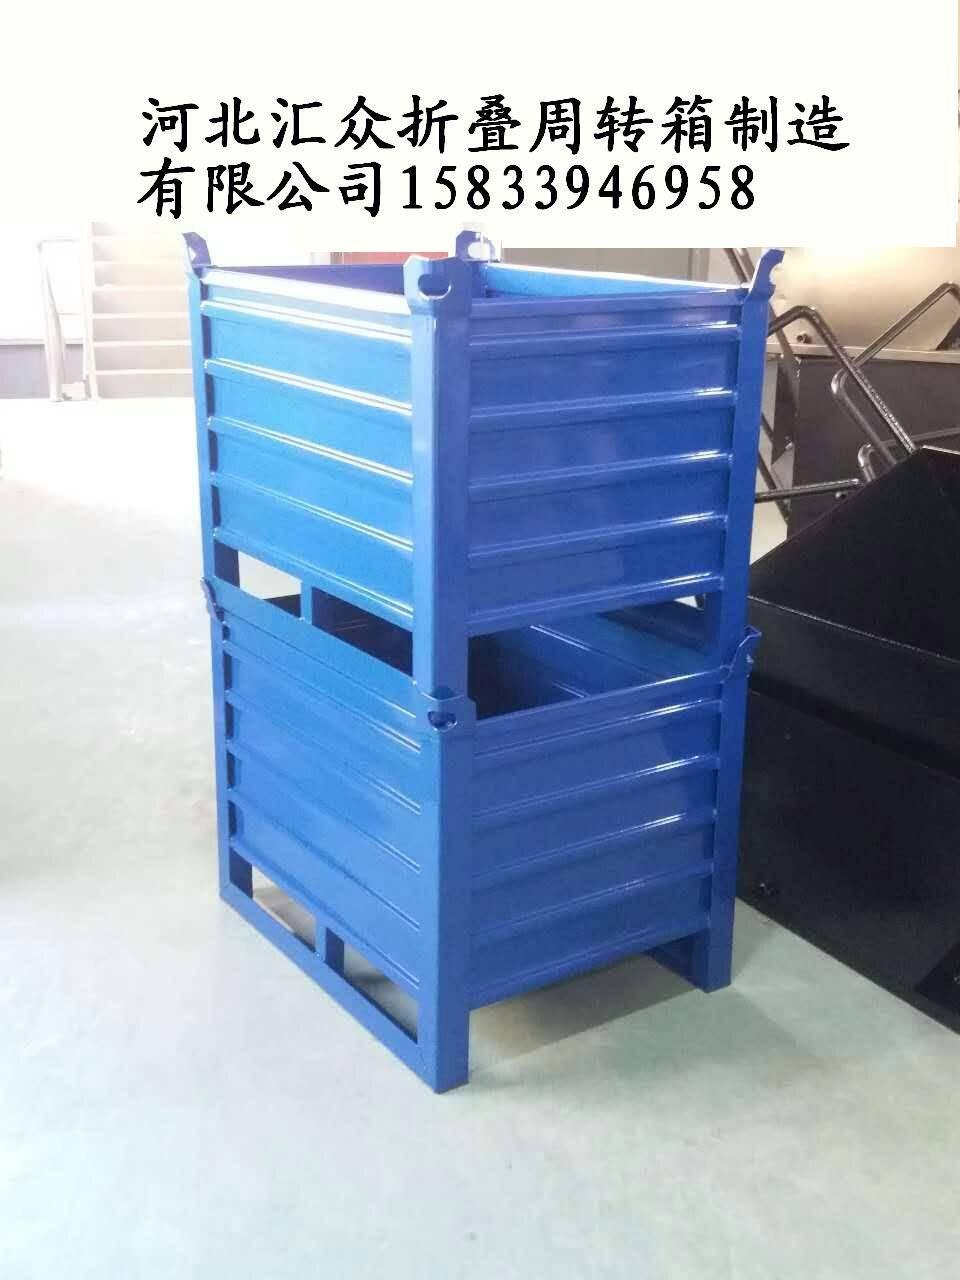 钢托盘 金属托盘、金属折叠包装箱仓储笼,折叠式仓储笼,蝴蝶笼,